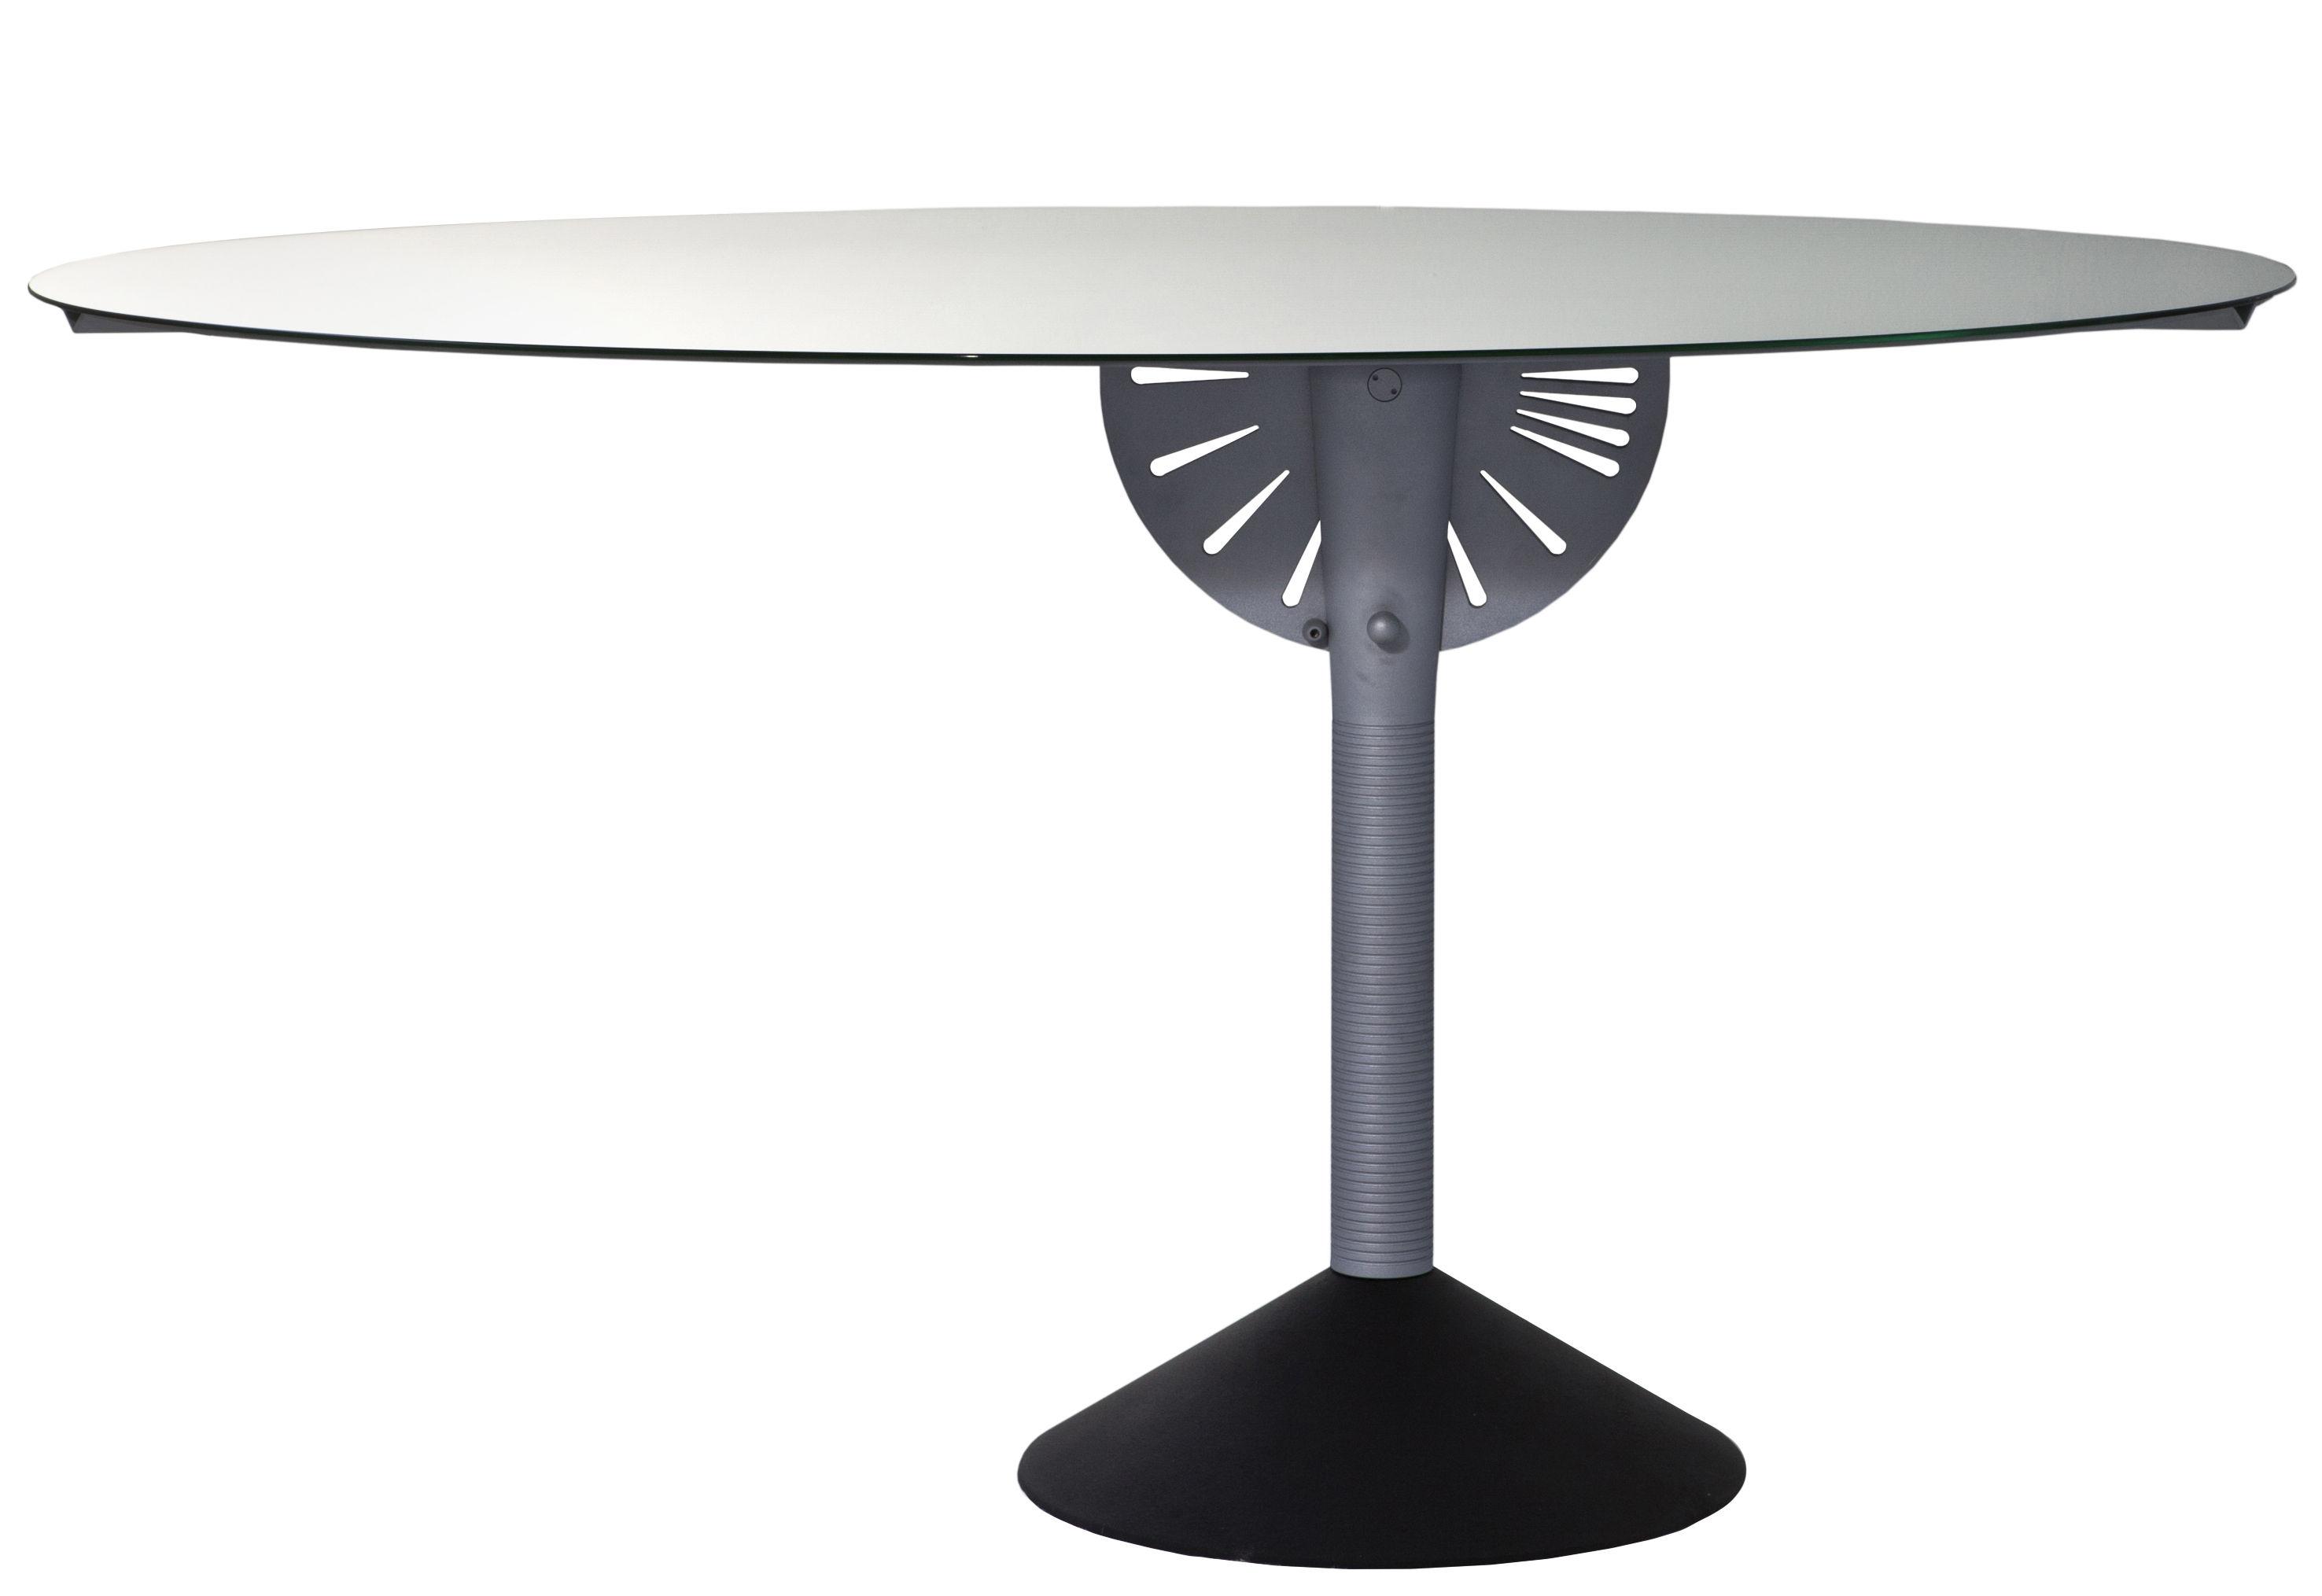 Tendances - Autour du repas - Table pliante Psiche / Transformable en miroir - Réédition 1989 - Driade - Miroir / Pied : gris foncé - Aluminium, Fonte, Verre